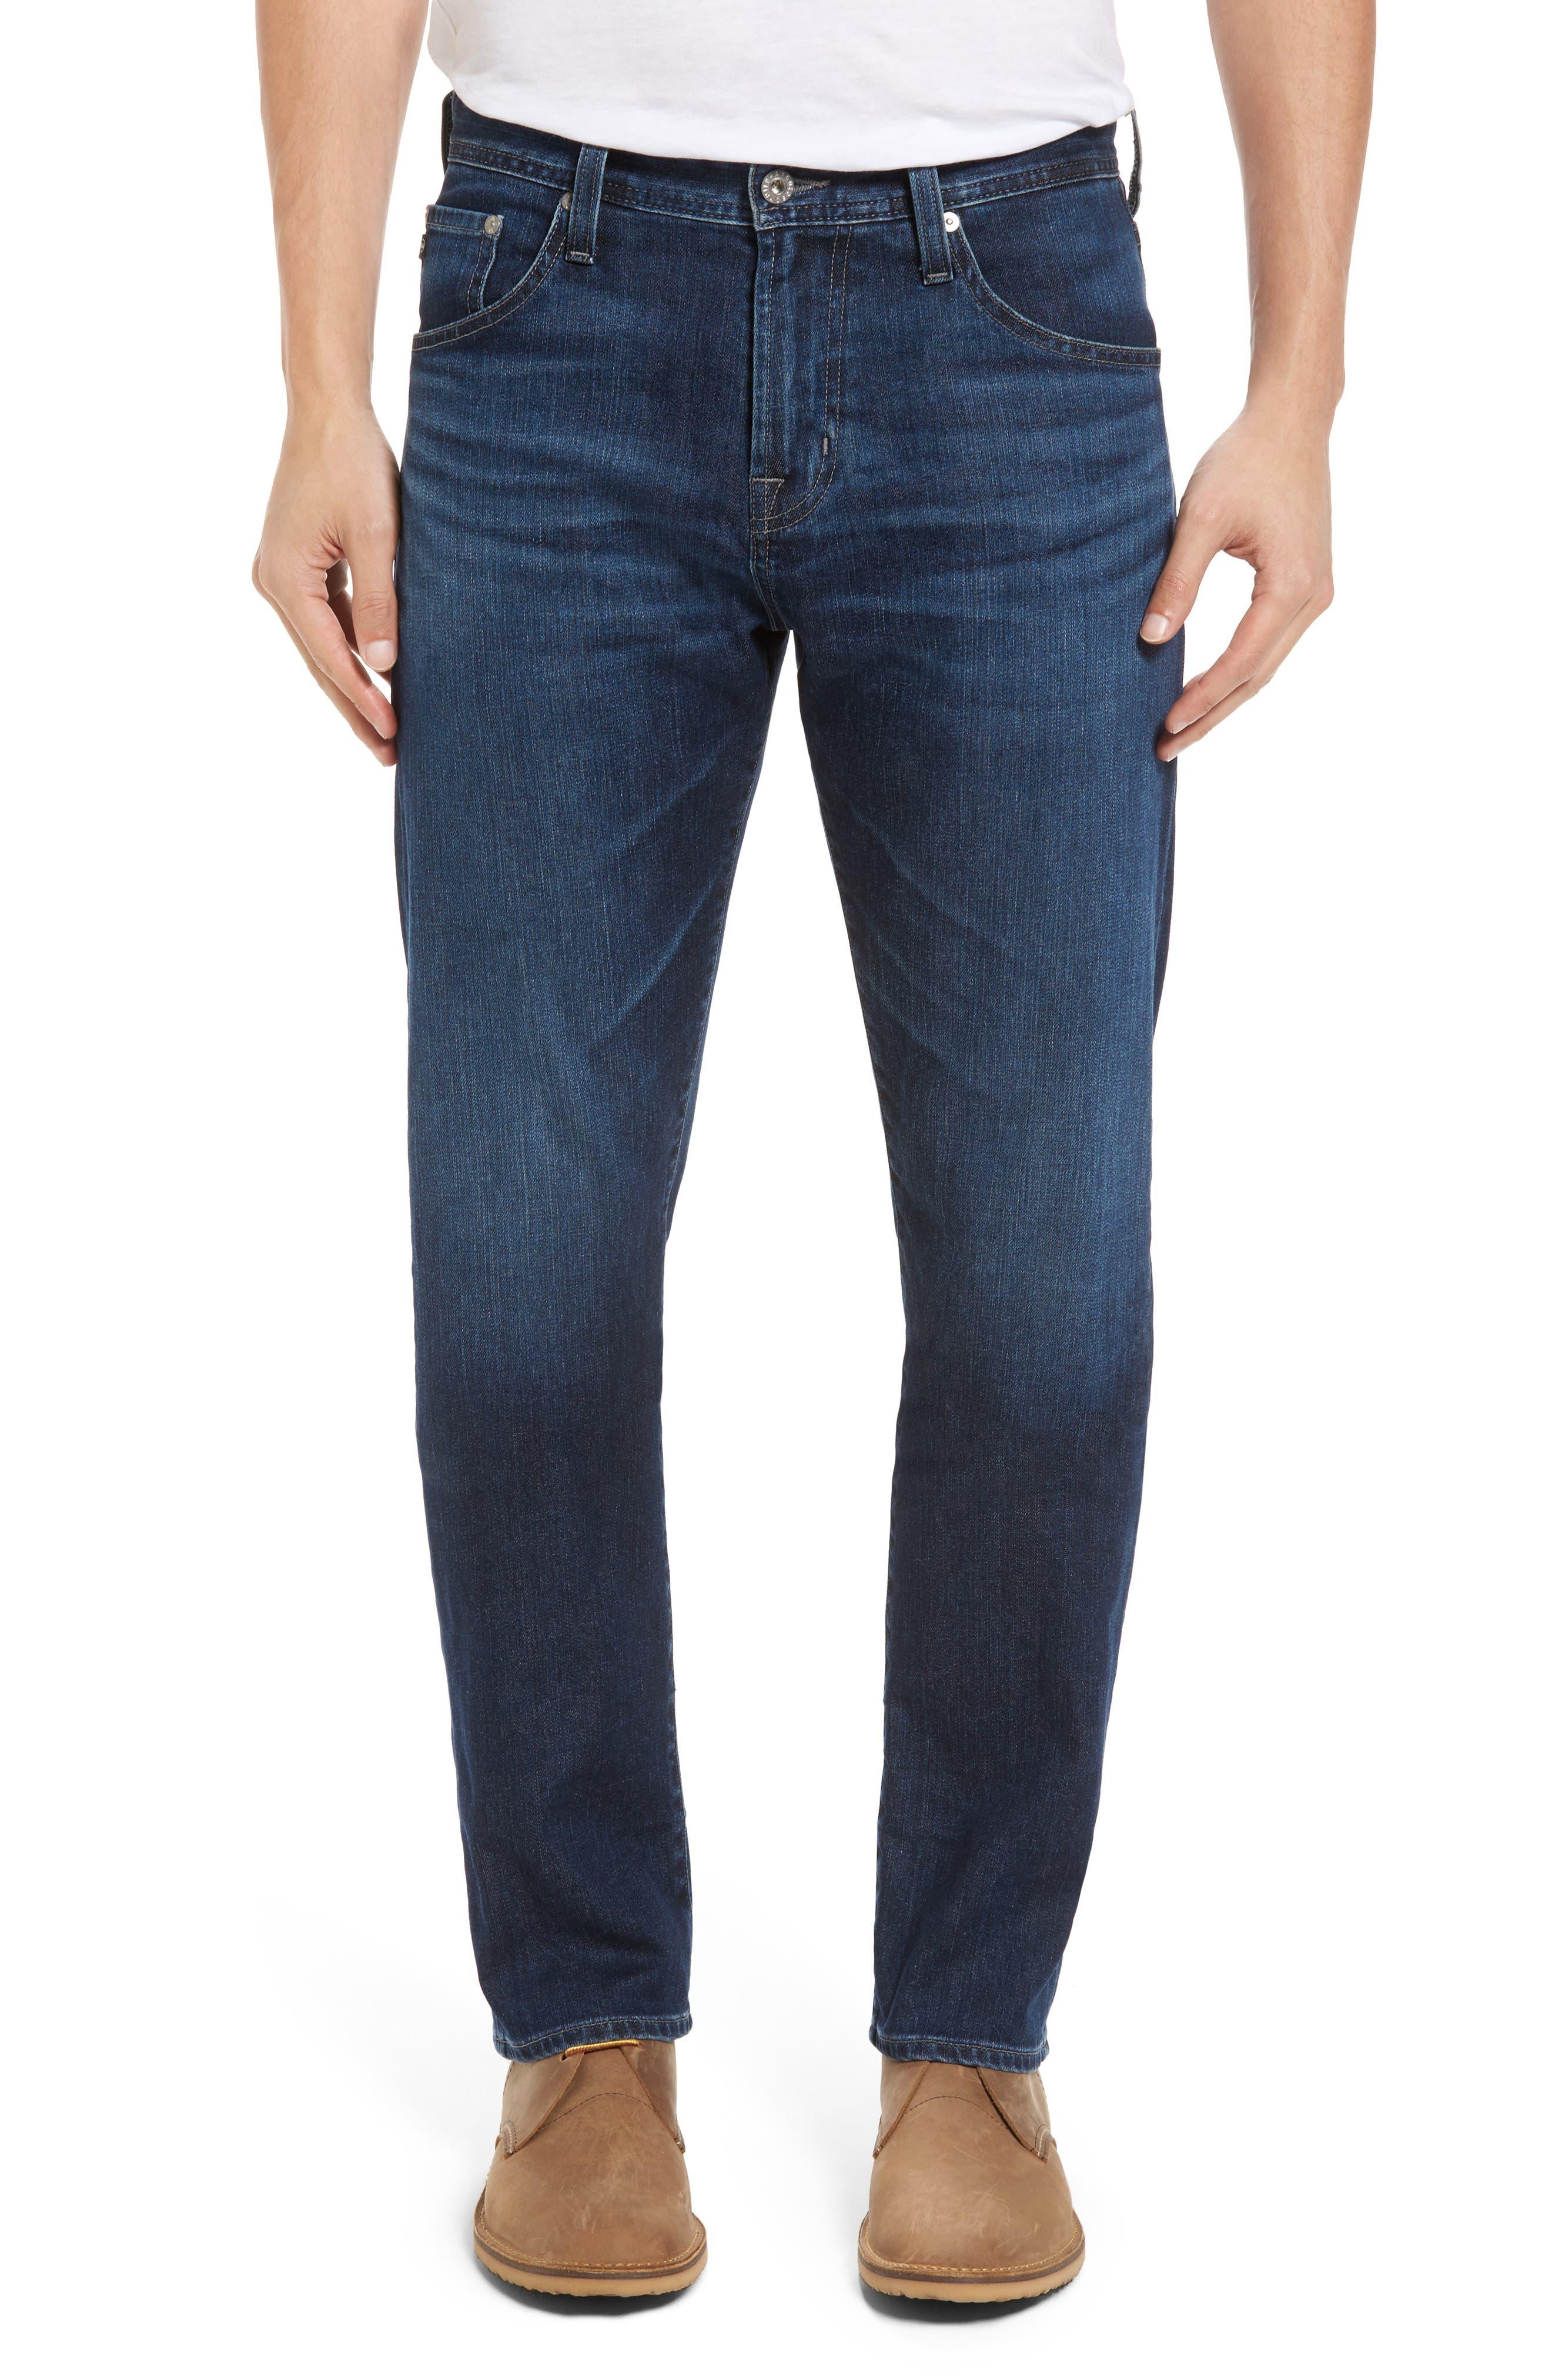 Alternate Image 1 Selected - AG Ives Straight Leg Jeans (Brackett)